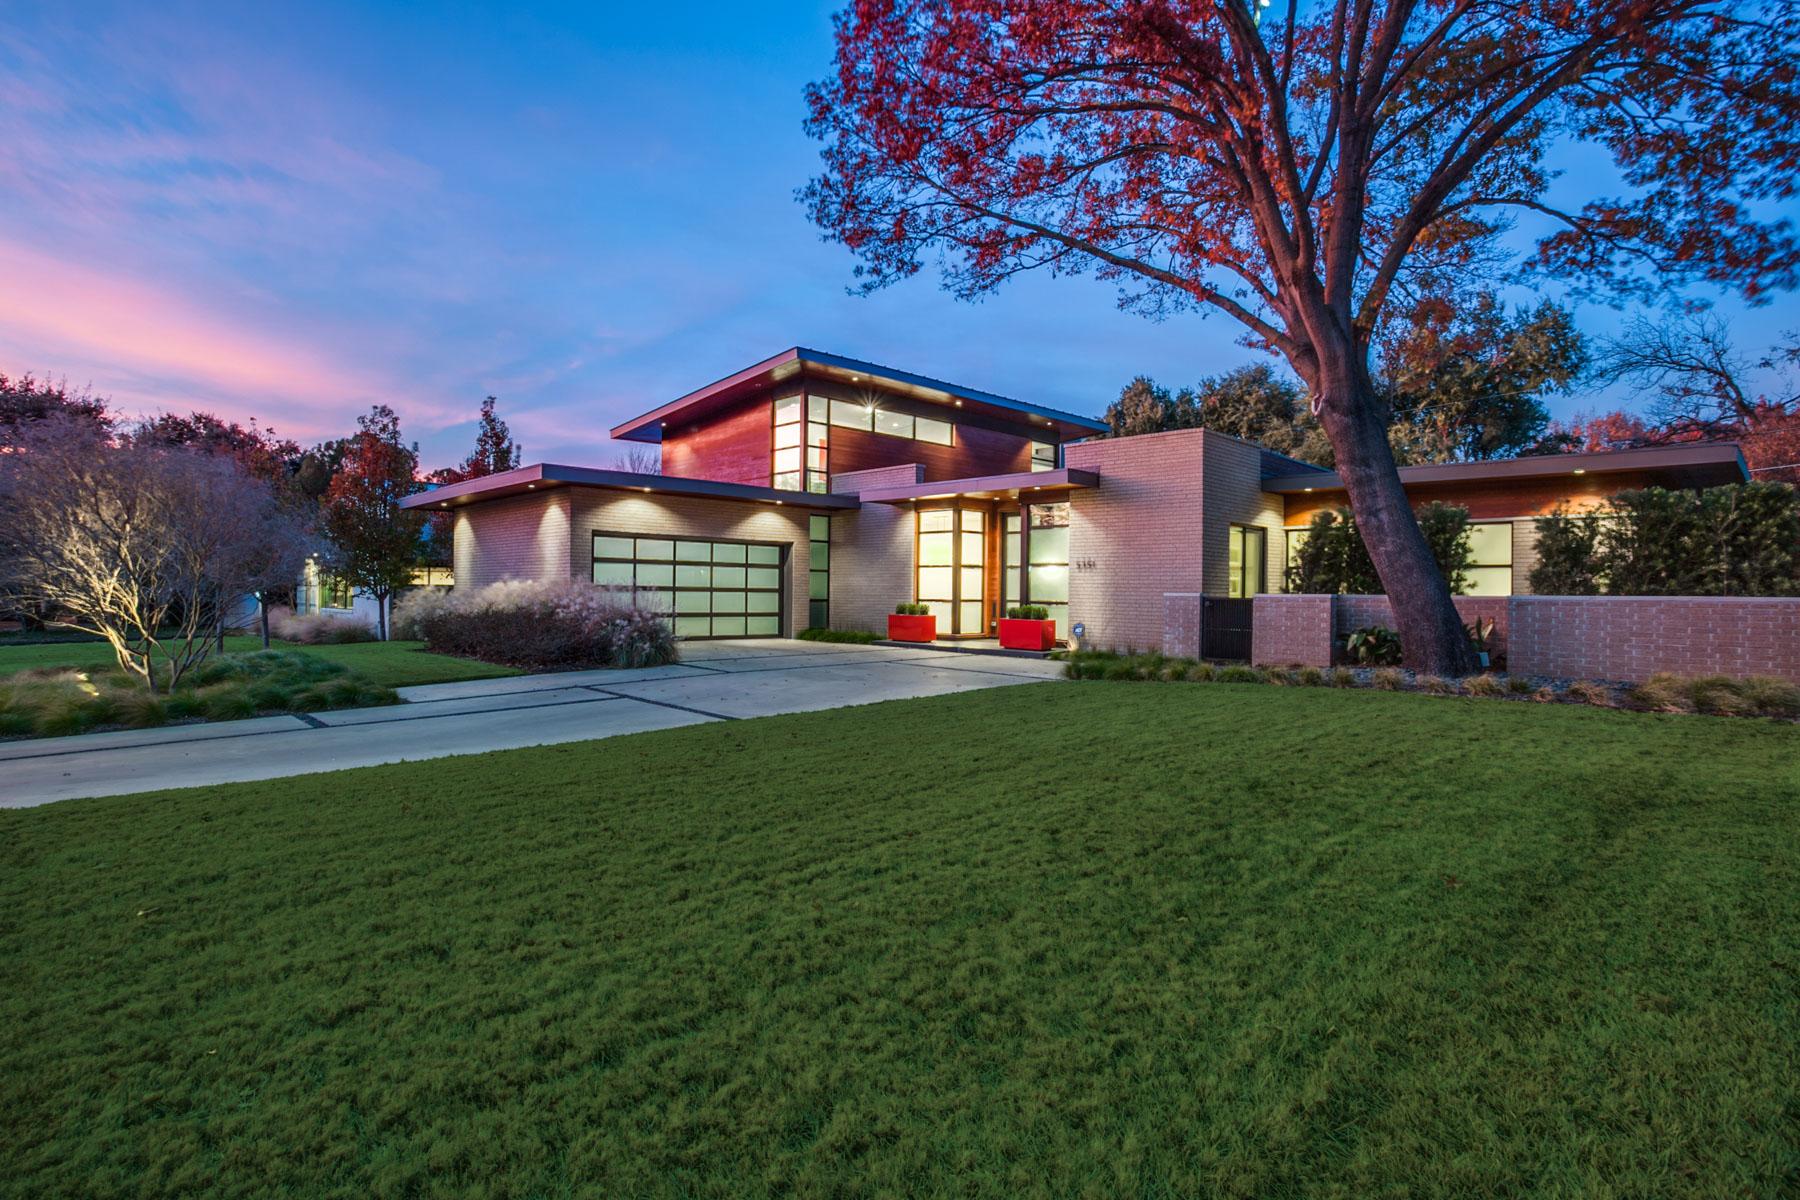 一戸建て のために 売買 アット 5351 Livingston Ave, Dallas Dallas, テキサス, 75209 アメリカ合衆国